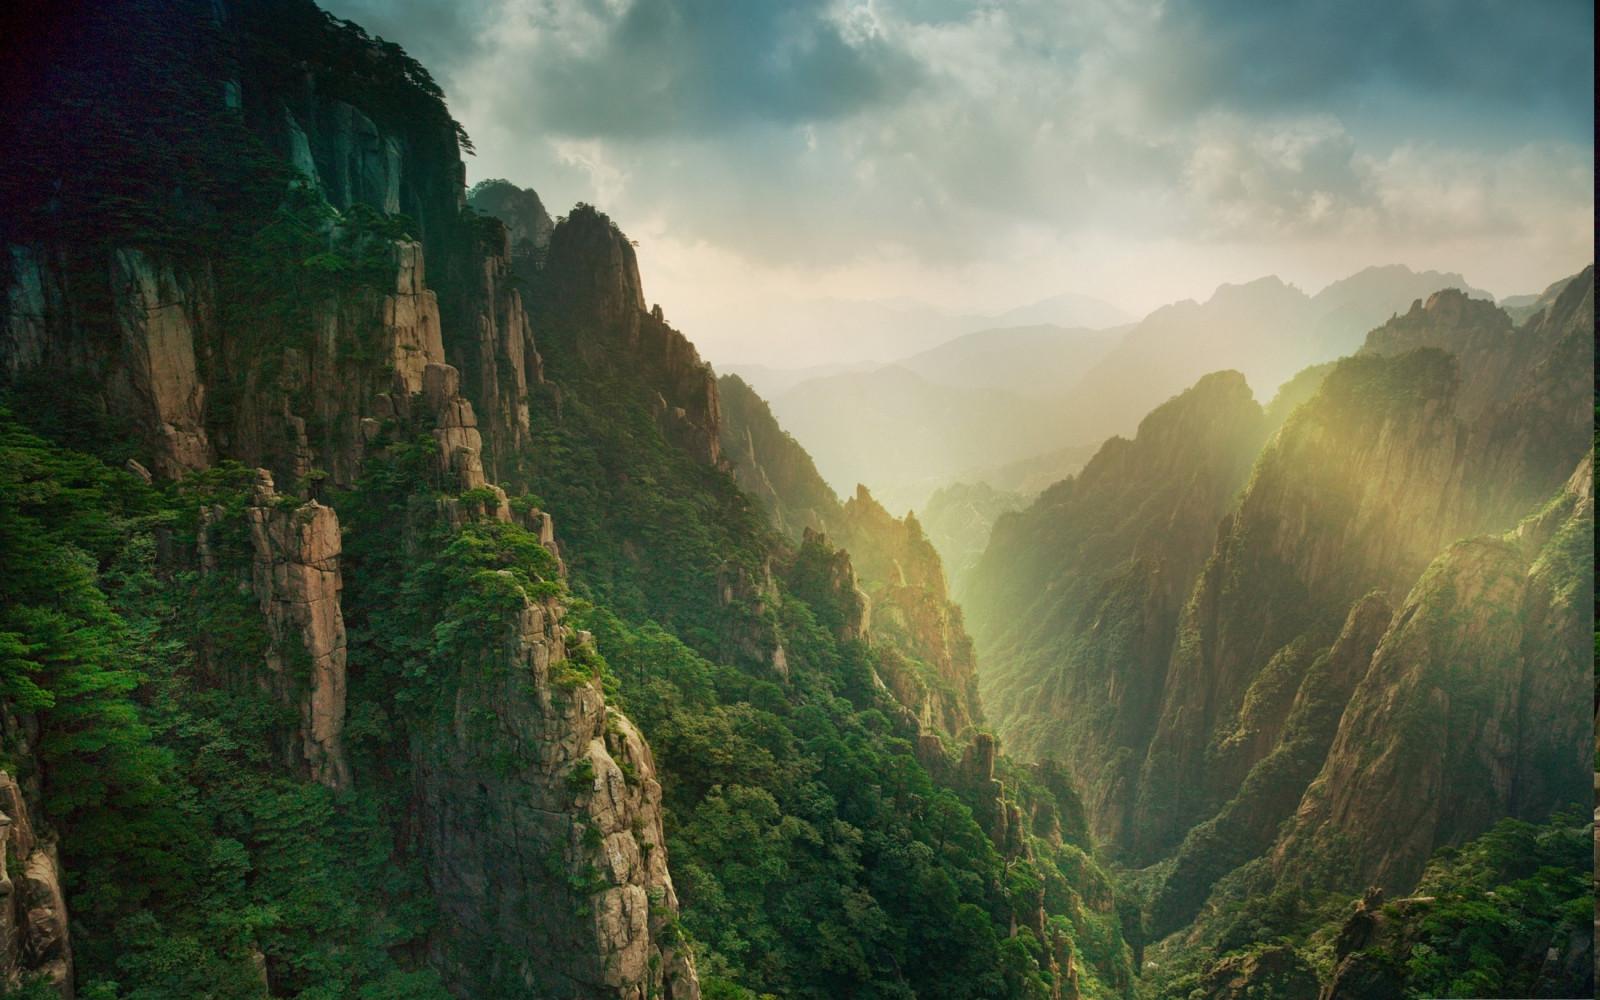 Wallpaper sunlight landscape china rock grass sky clouds sunrise green morning mist - Highland park wallpaper ...